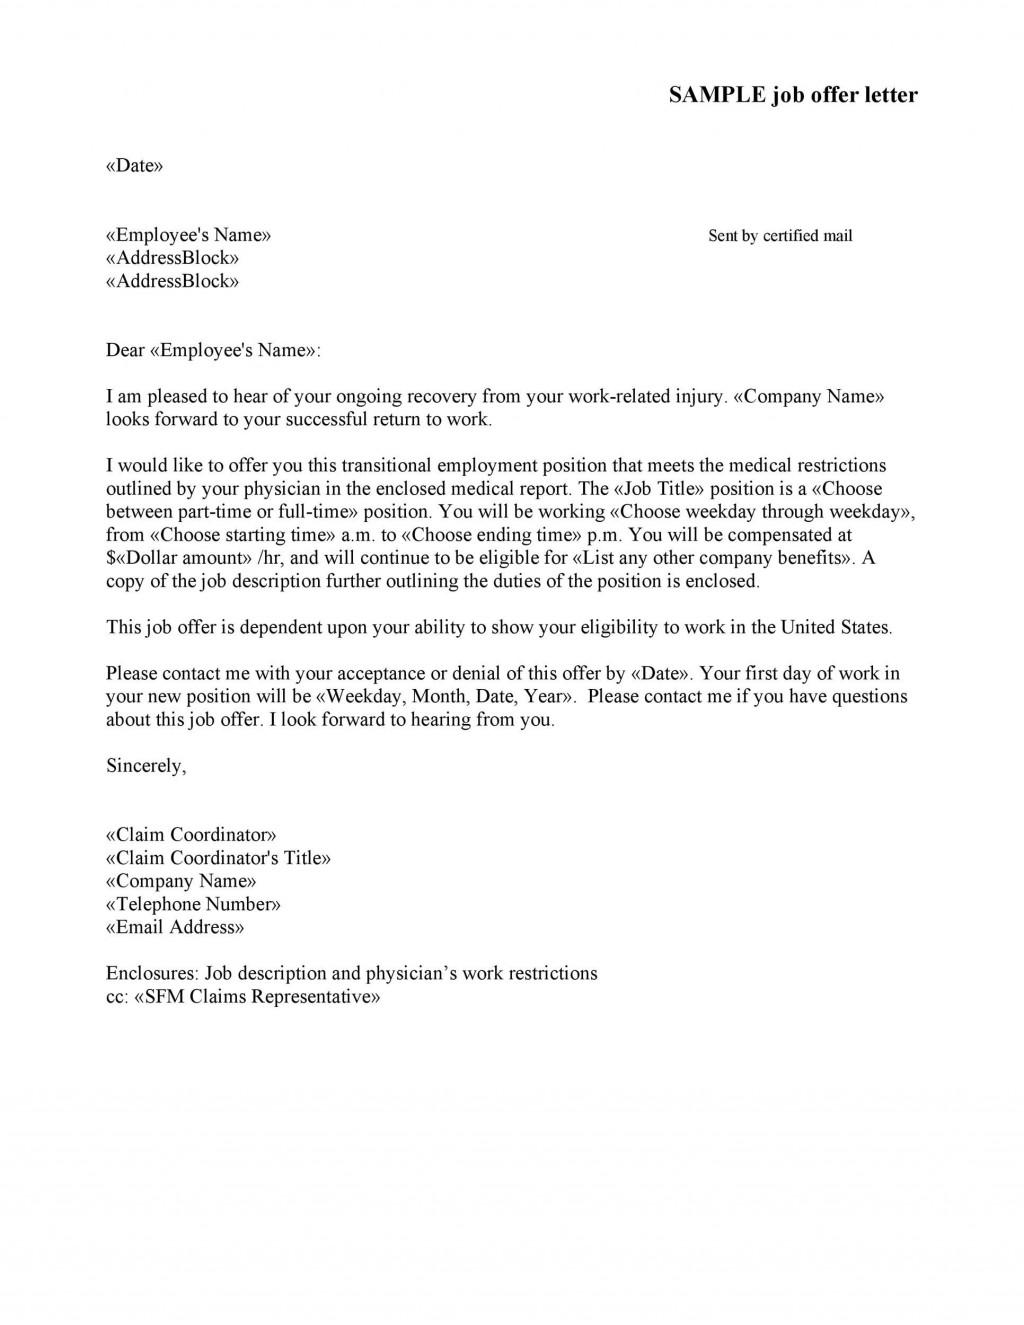 007 Sensational Counter Offer Letter Template Concept  Real Estate Settlement DebtLarge